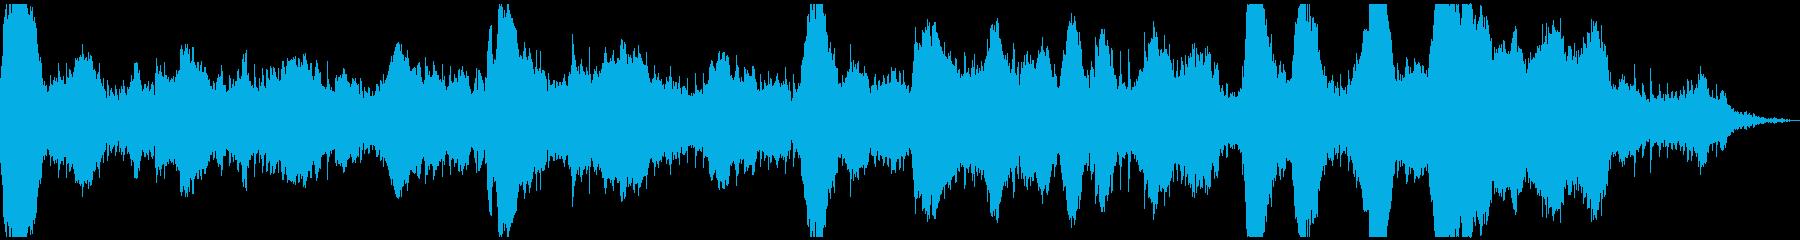 シーケンス 強く張られた01の再生済みの波形